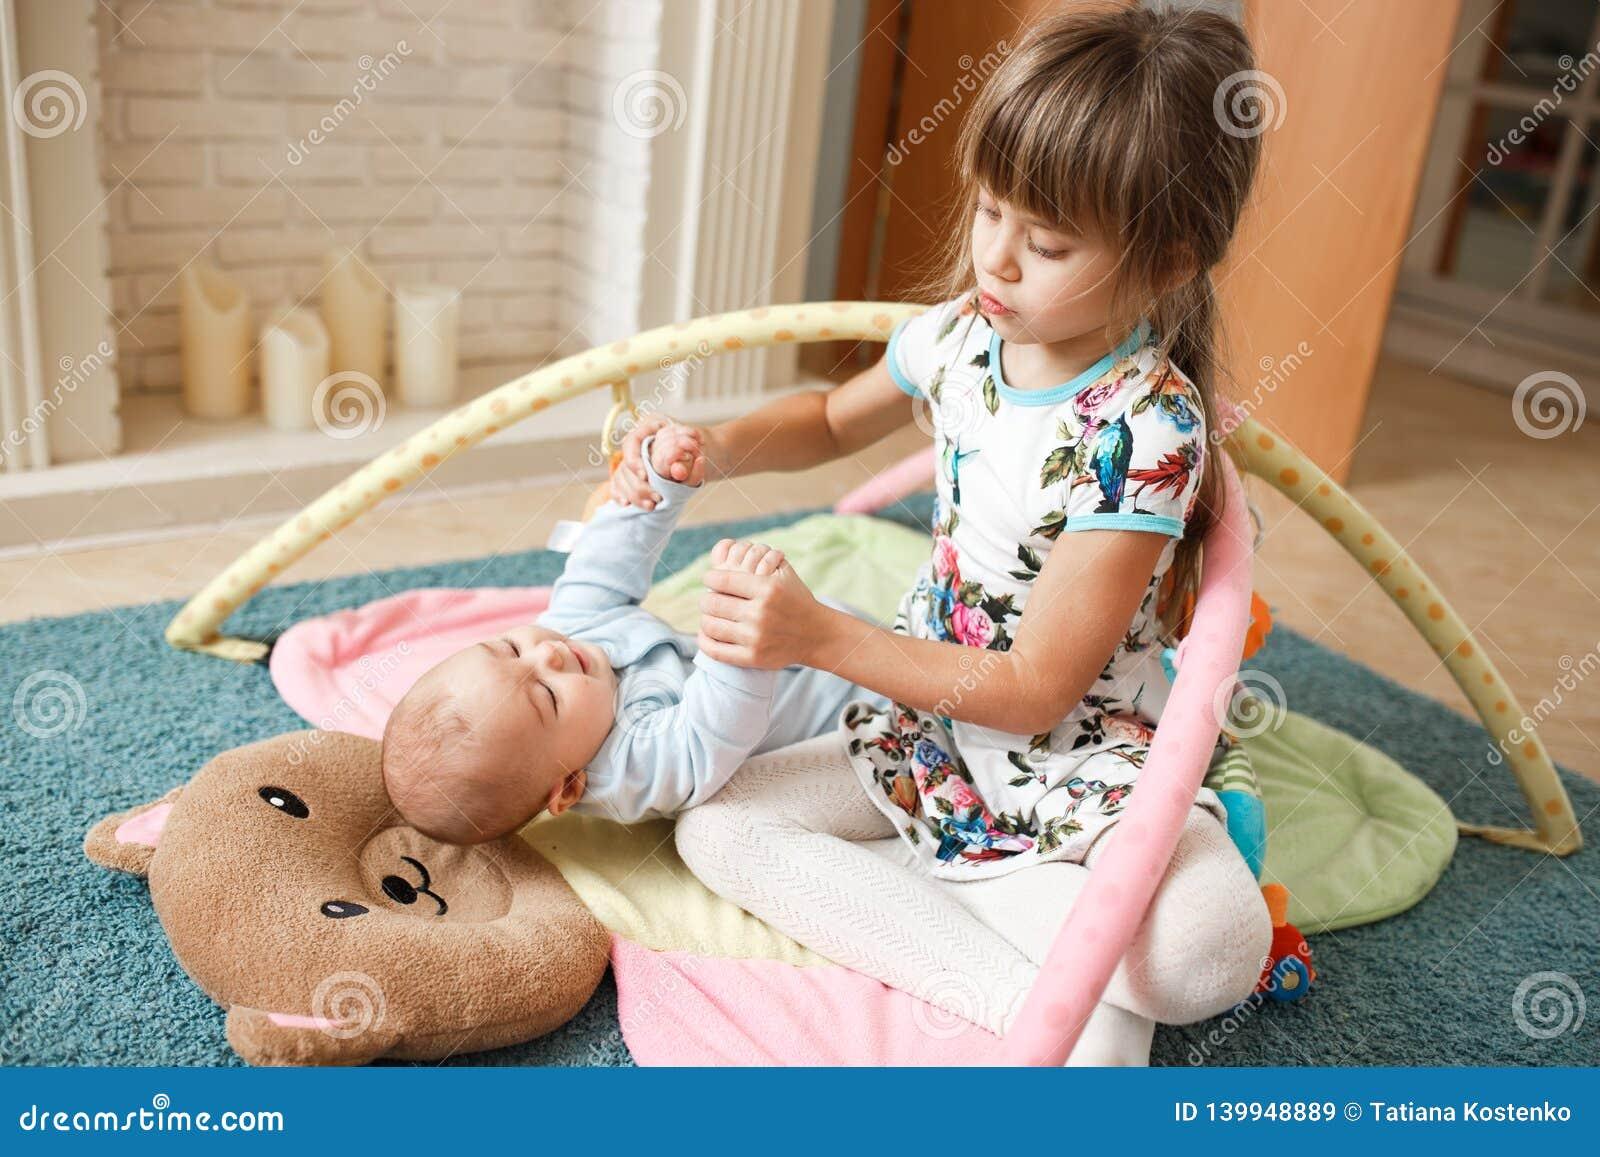 Λίγο γοητευτικό κορίτσι κρατά τα χέρια ο μικροσκοπικός αδελφός της στον τάπητα στο πάτωμα στο δωμάτιο